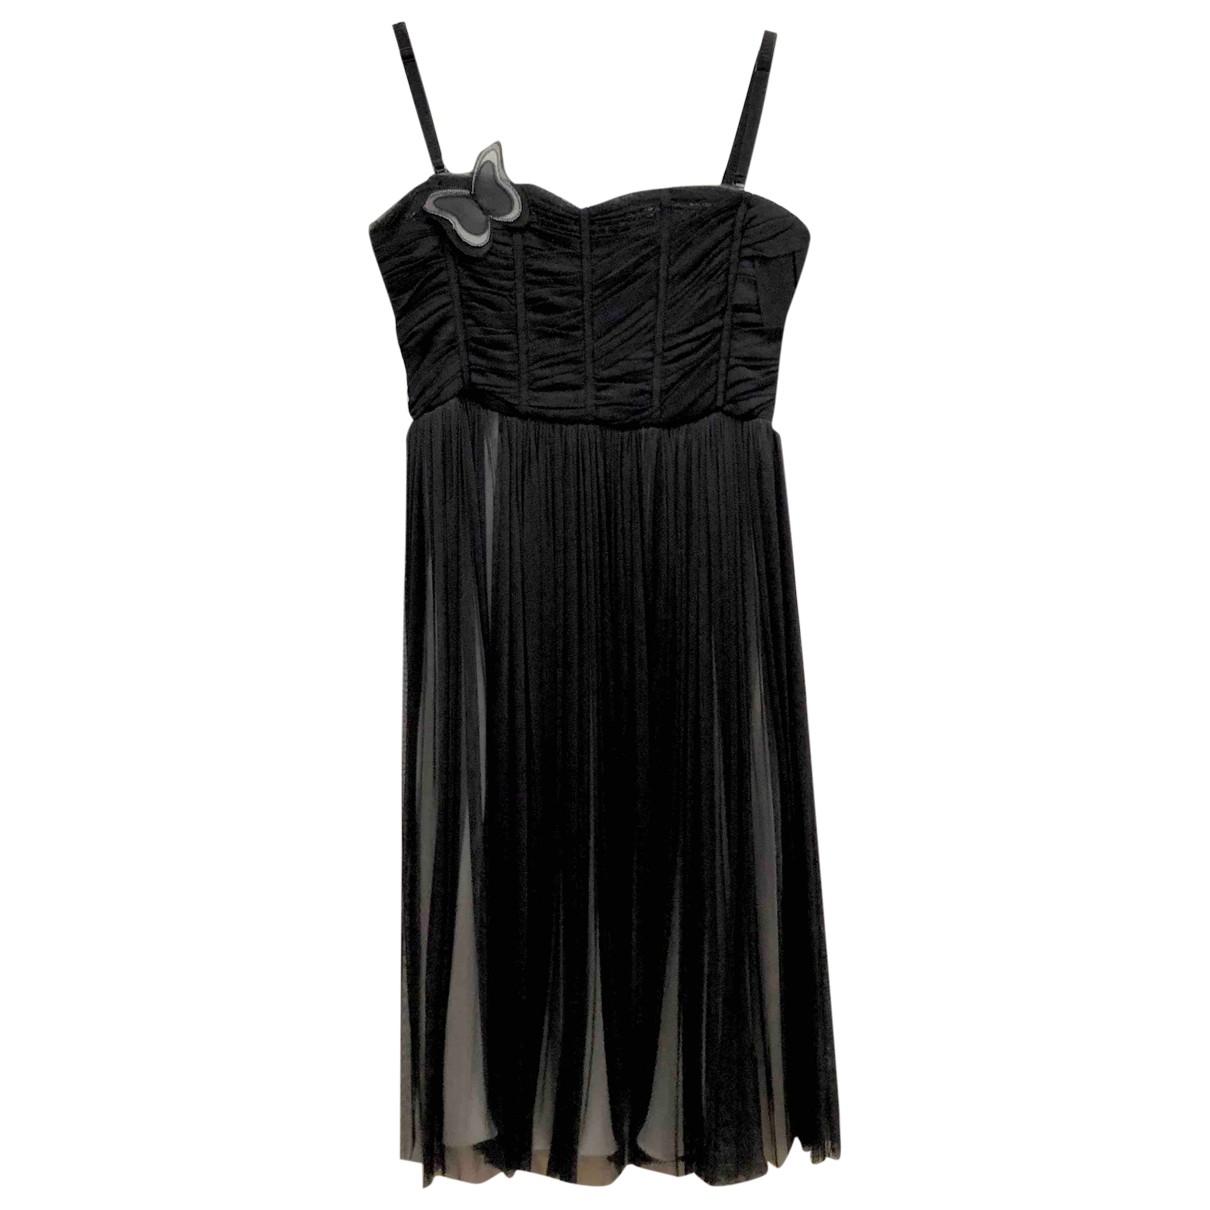 D&g \N Black Silk dress for Women 44 IT